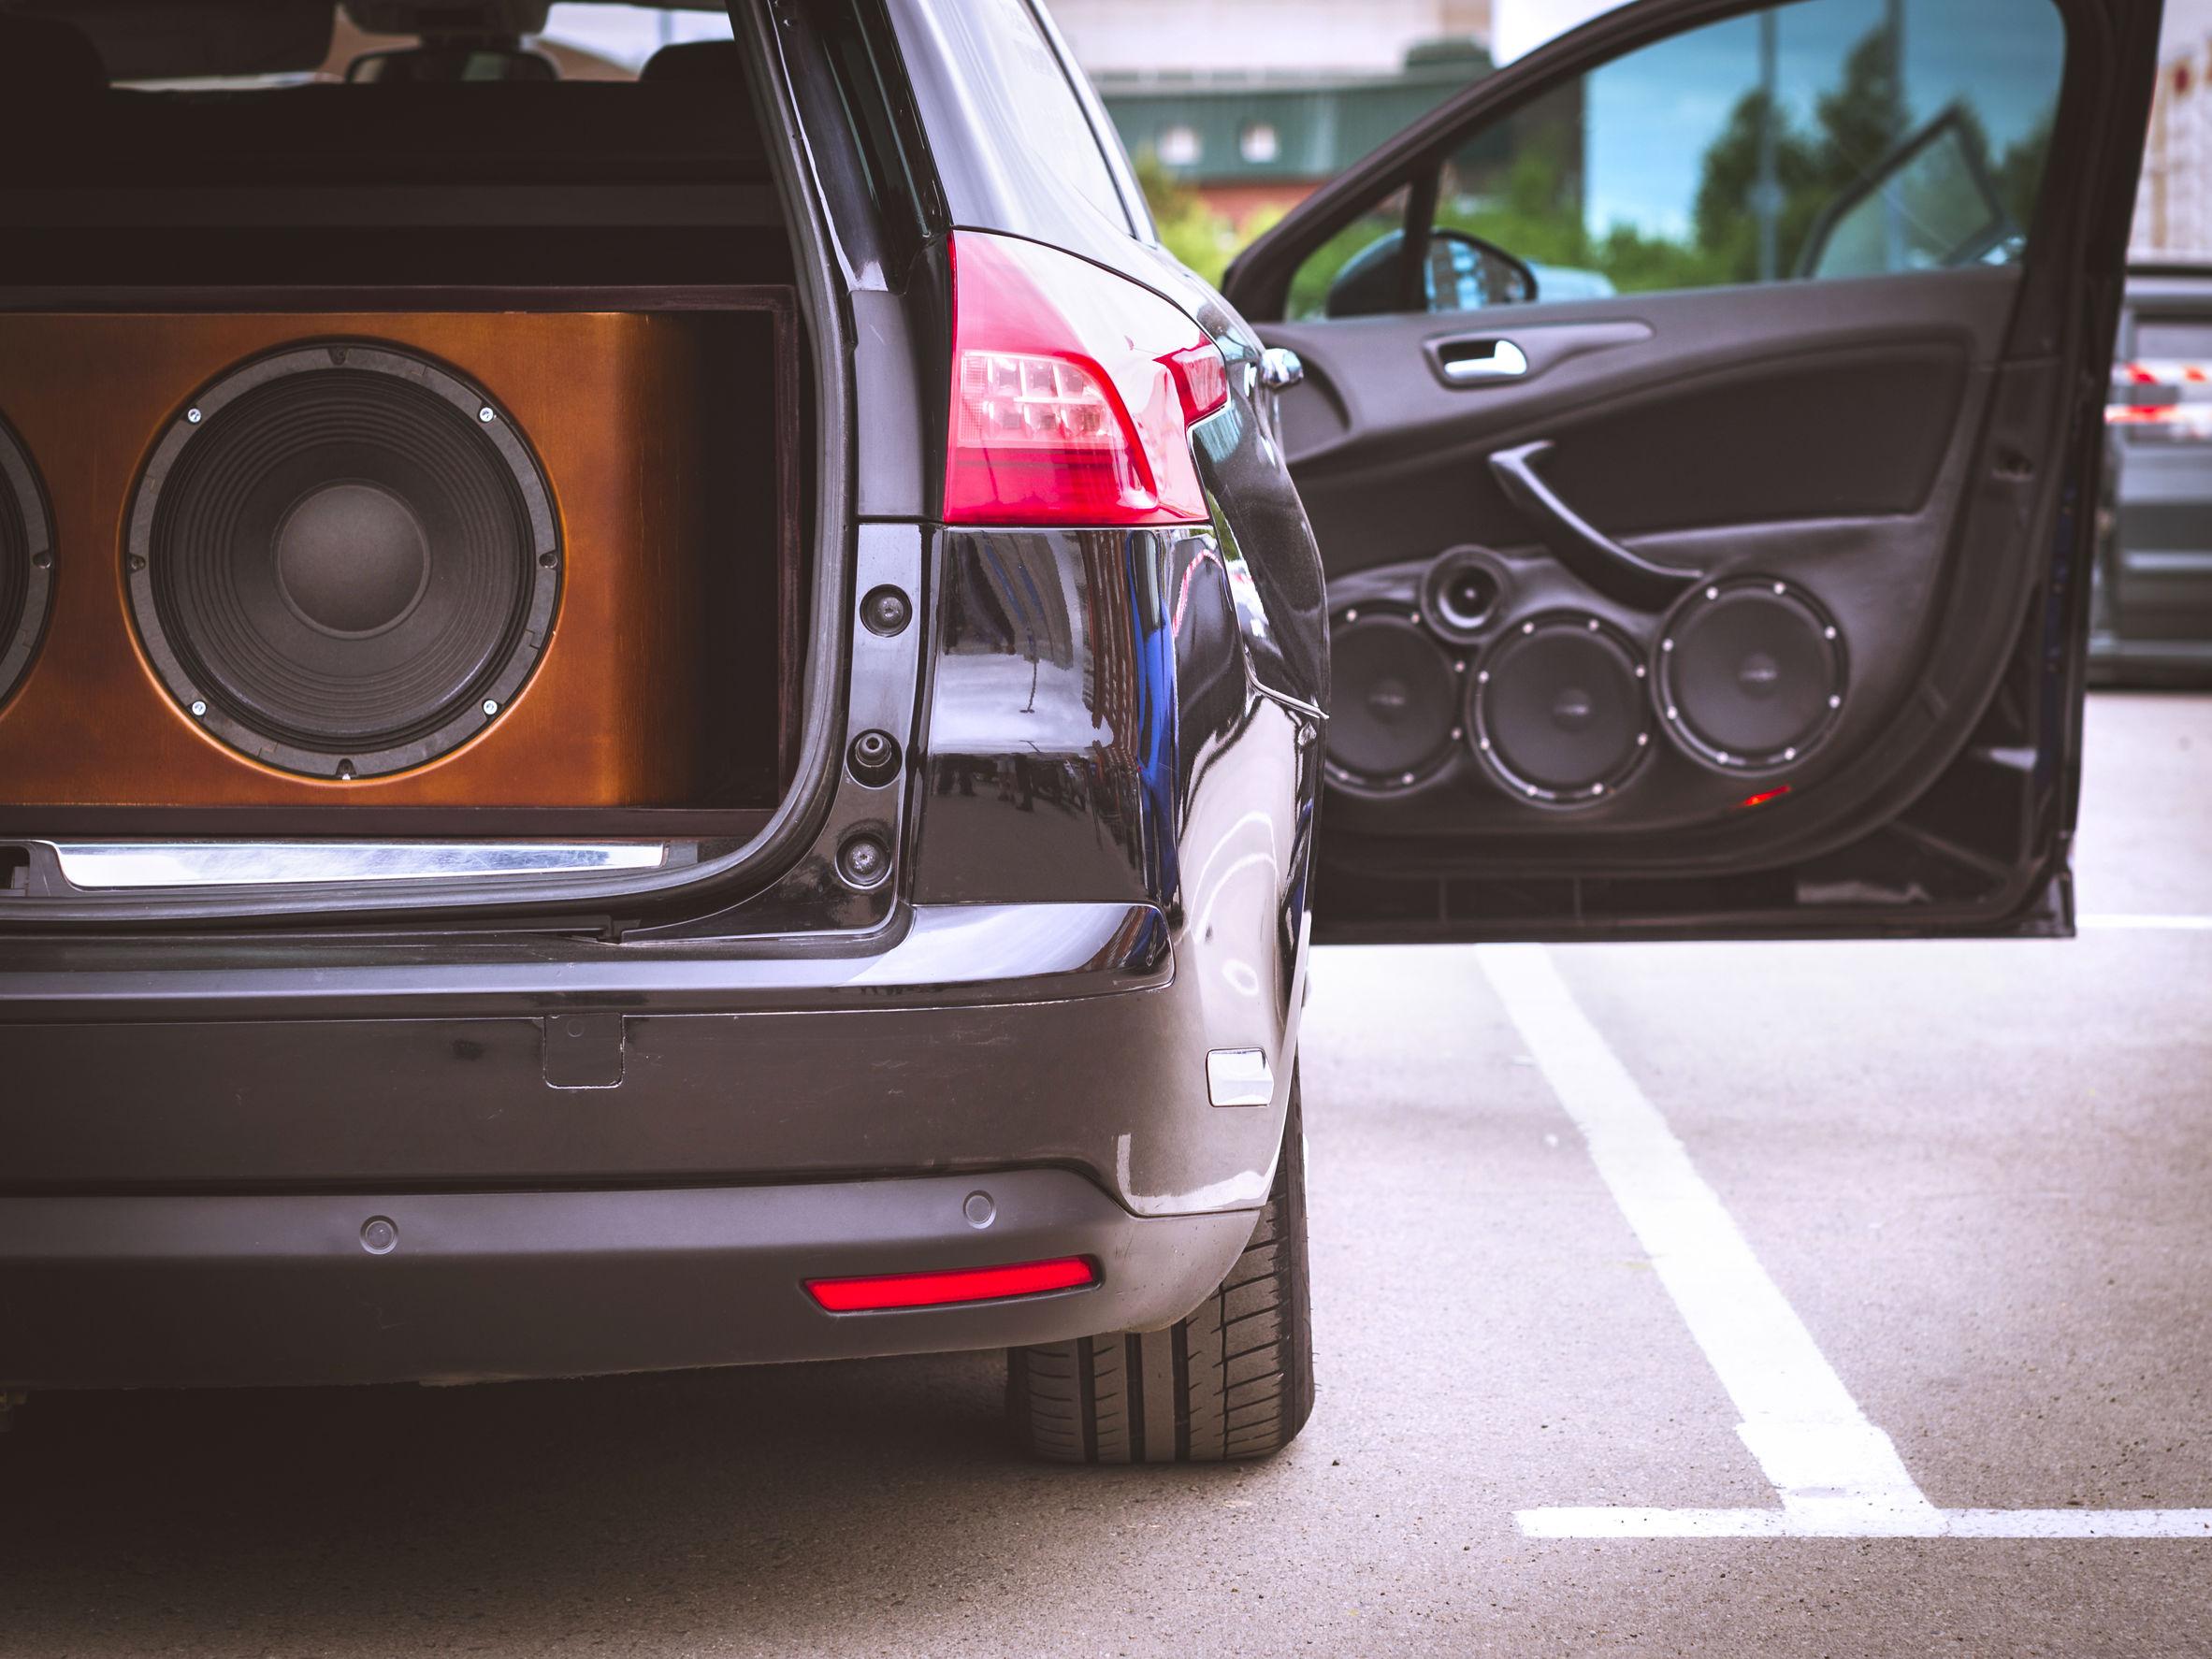 Imagem mostra um carro com um complexo sistema de áudio.